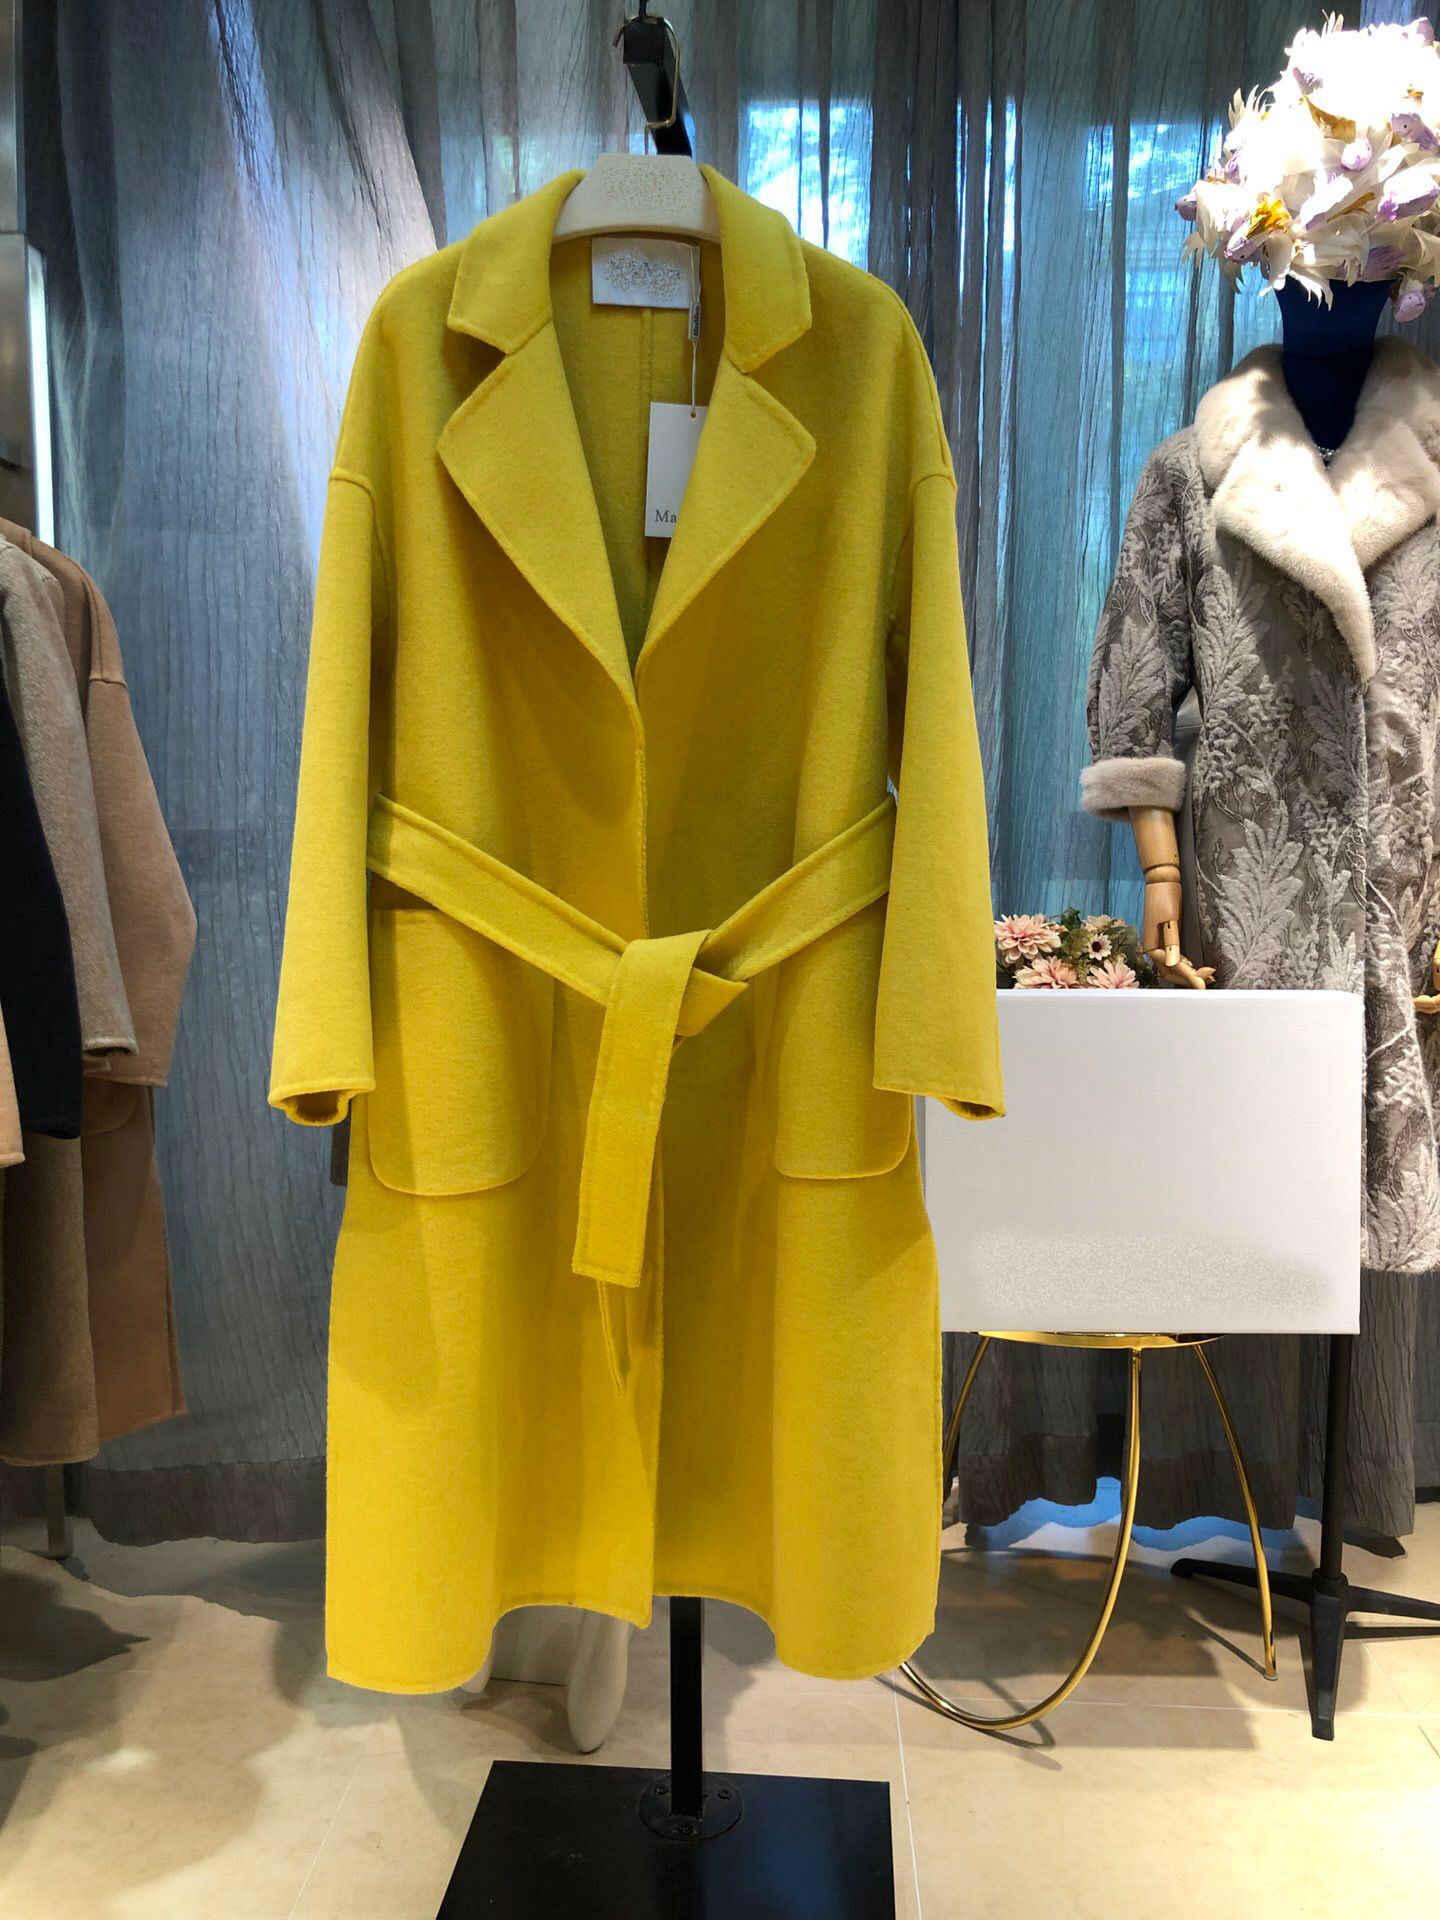 2019 neue Elegante Mode Original Qualität Vier Farben Schwarz & gelb & khaki & grün Lange Wolle Mantel Frauen mit gürtel